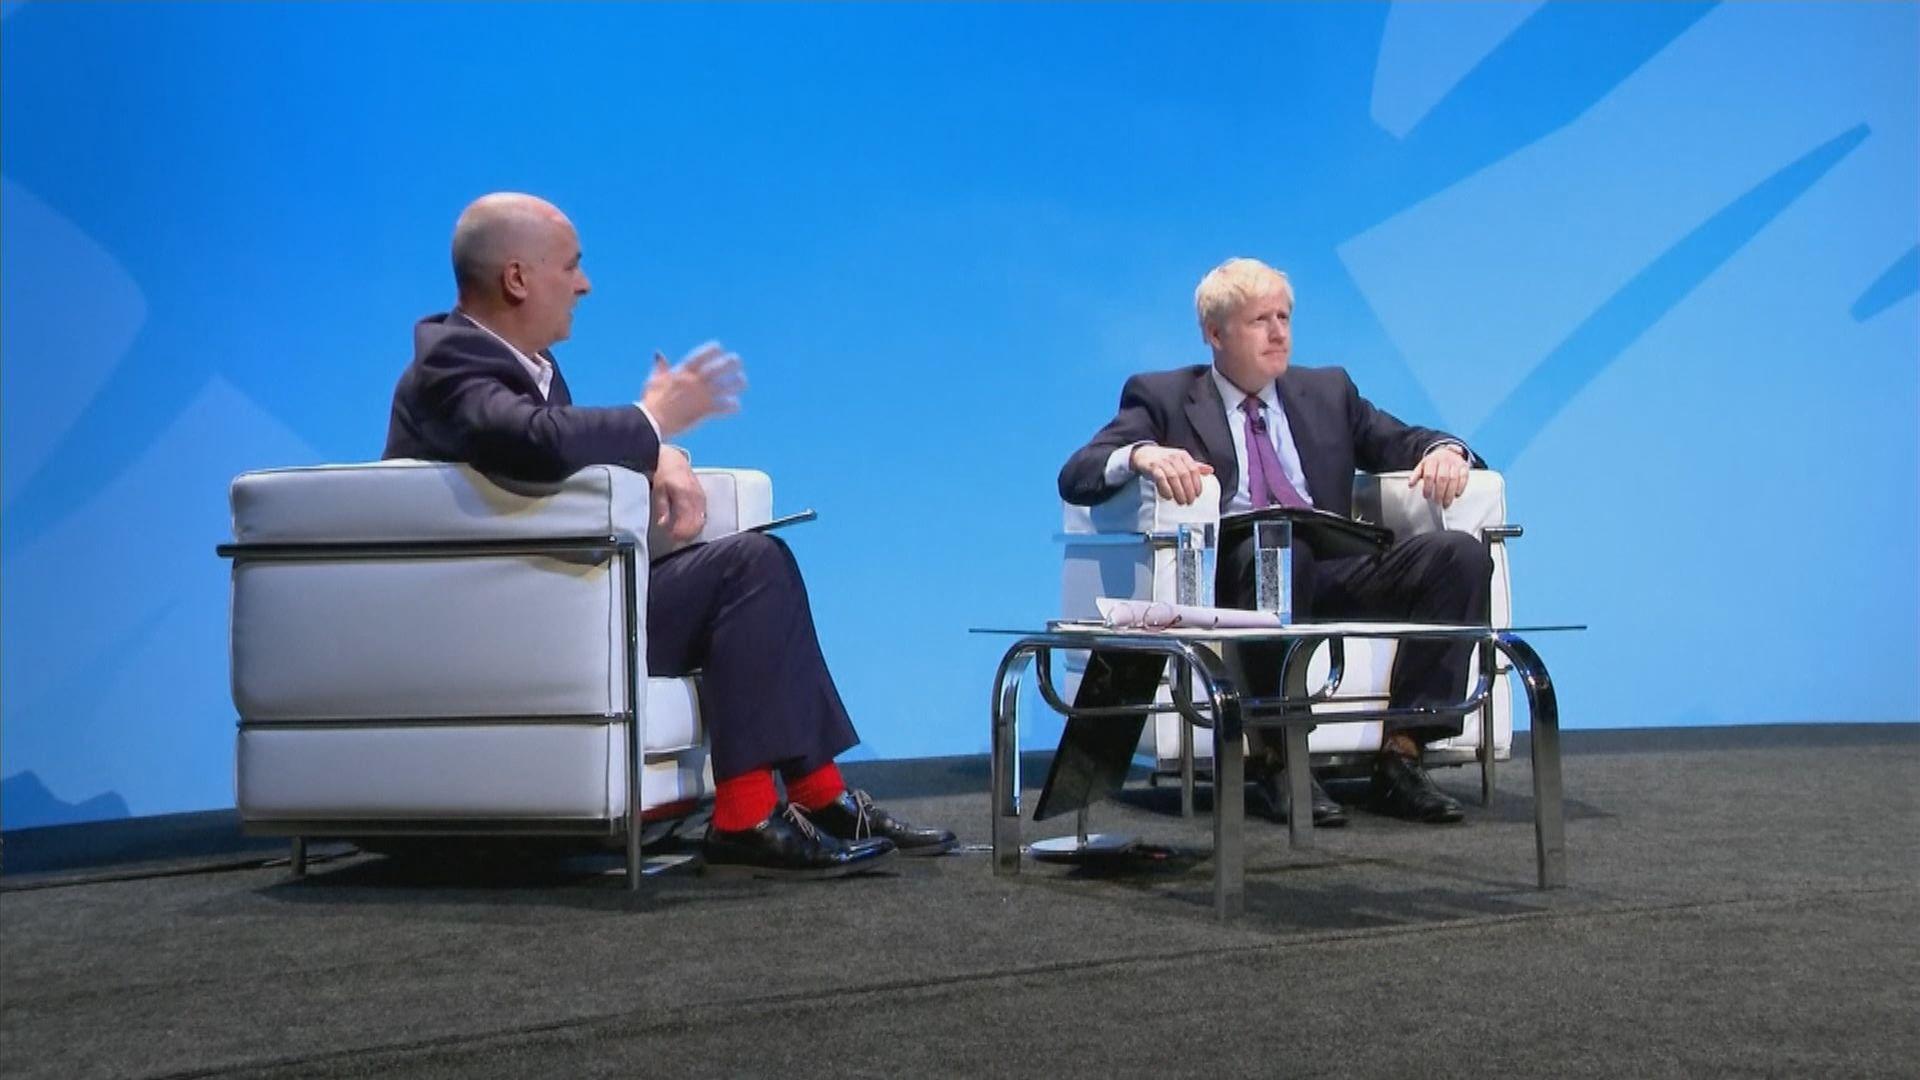 英國保守黨兩名黨魁候選人展開競選活動